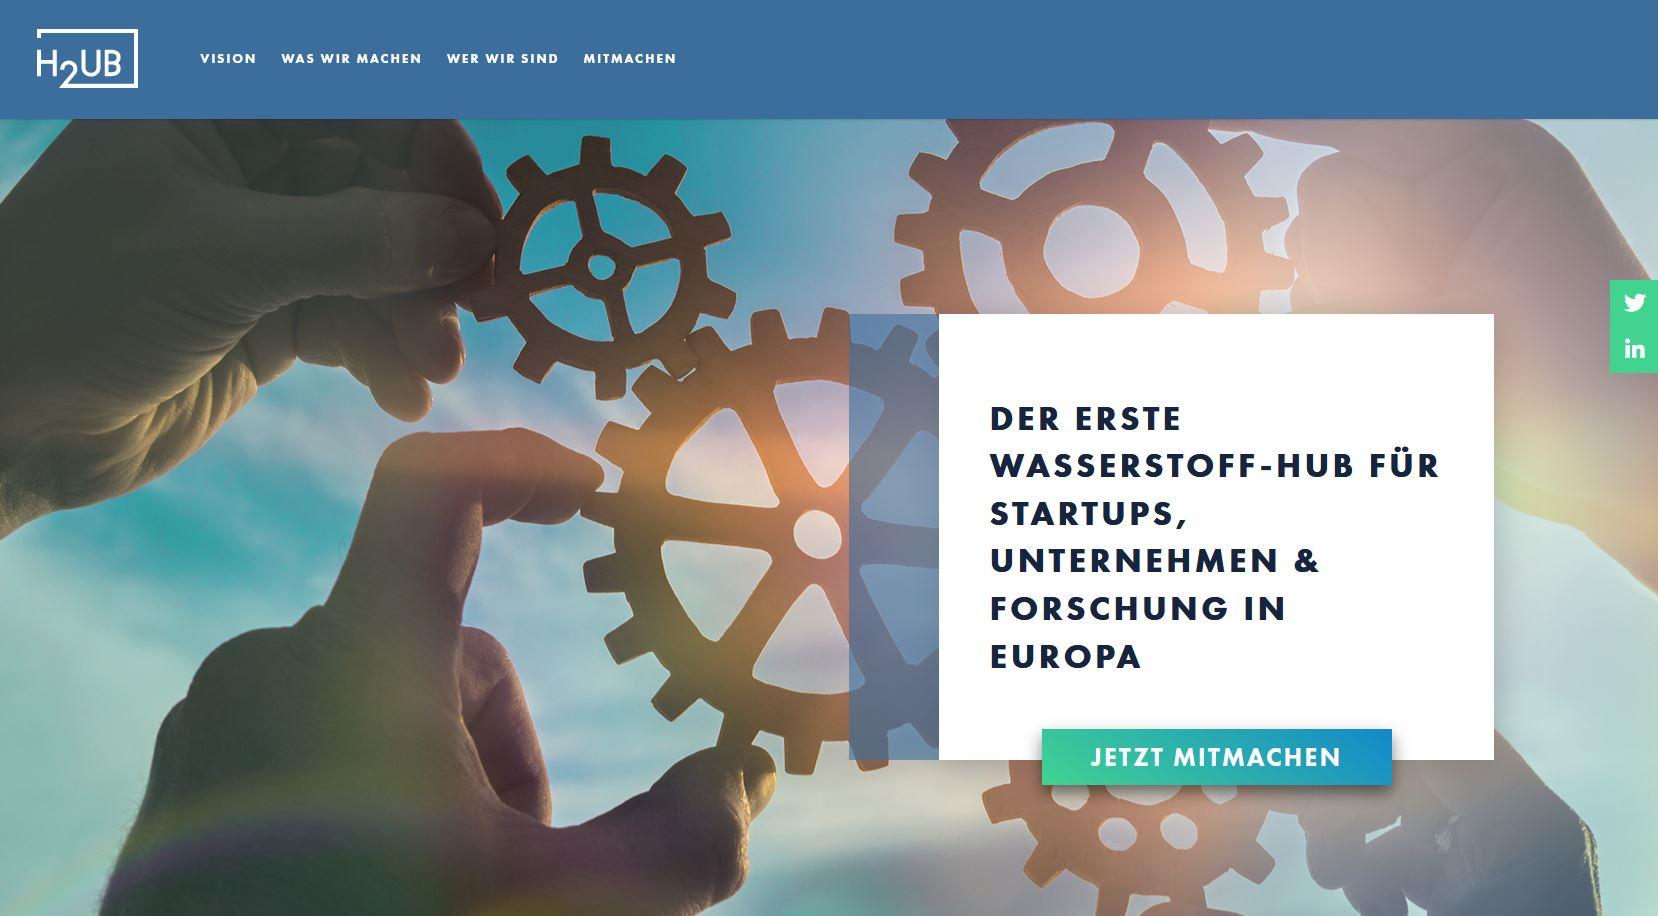 Website des neuen Wasserstoff-Startup-Hub www.h2ub.com